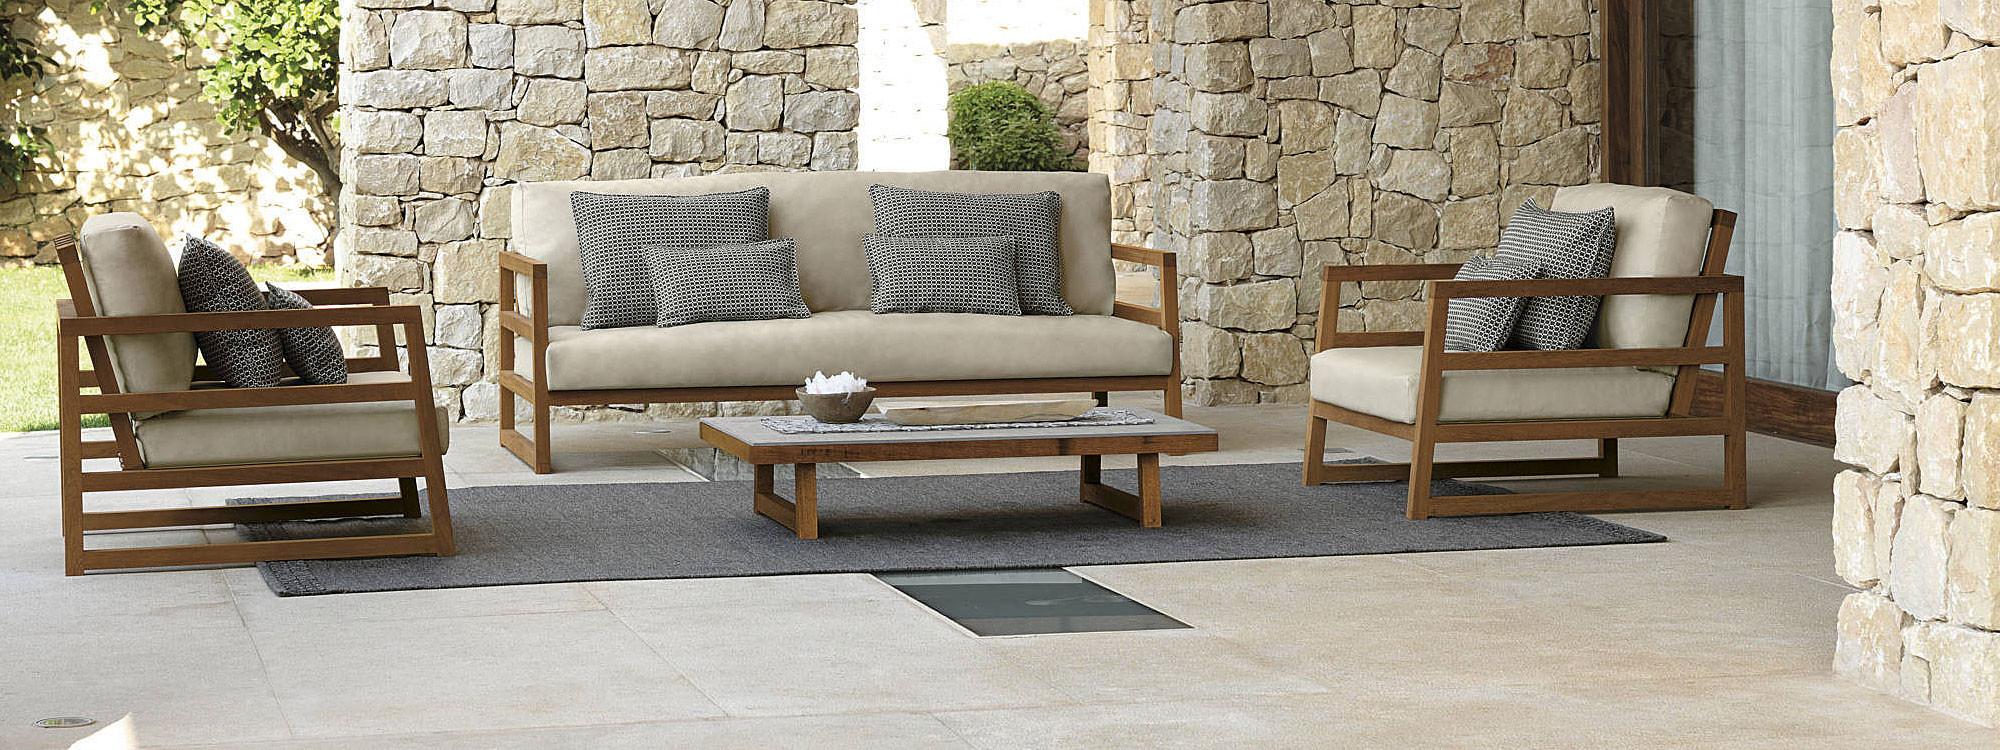 Modern-stylish-geometric-teak-garden-fur